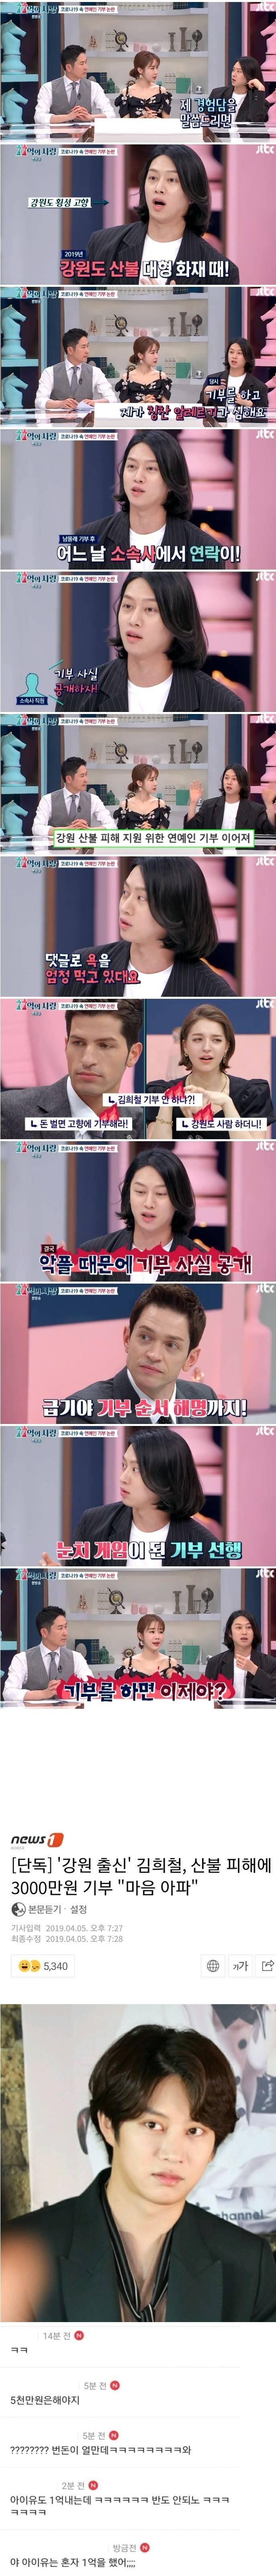 김희철이 기부 사실을 공개한 이유.